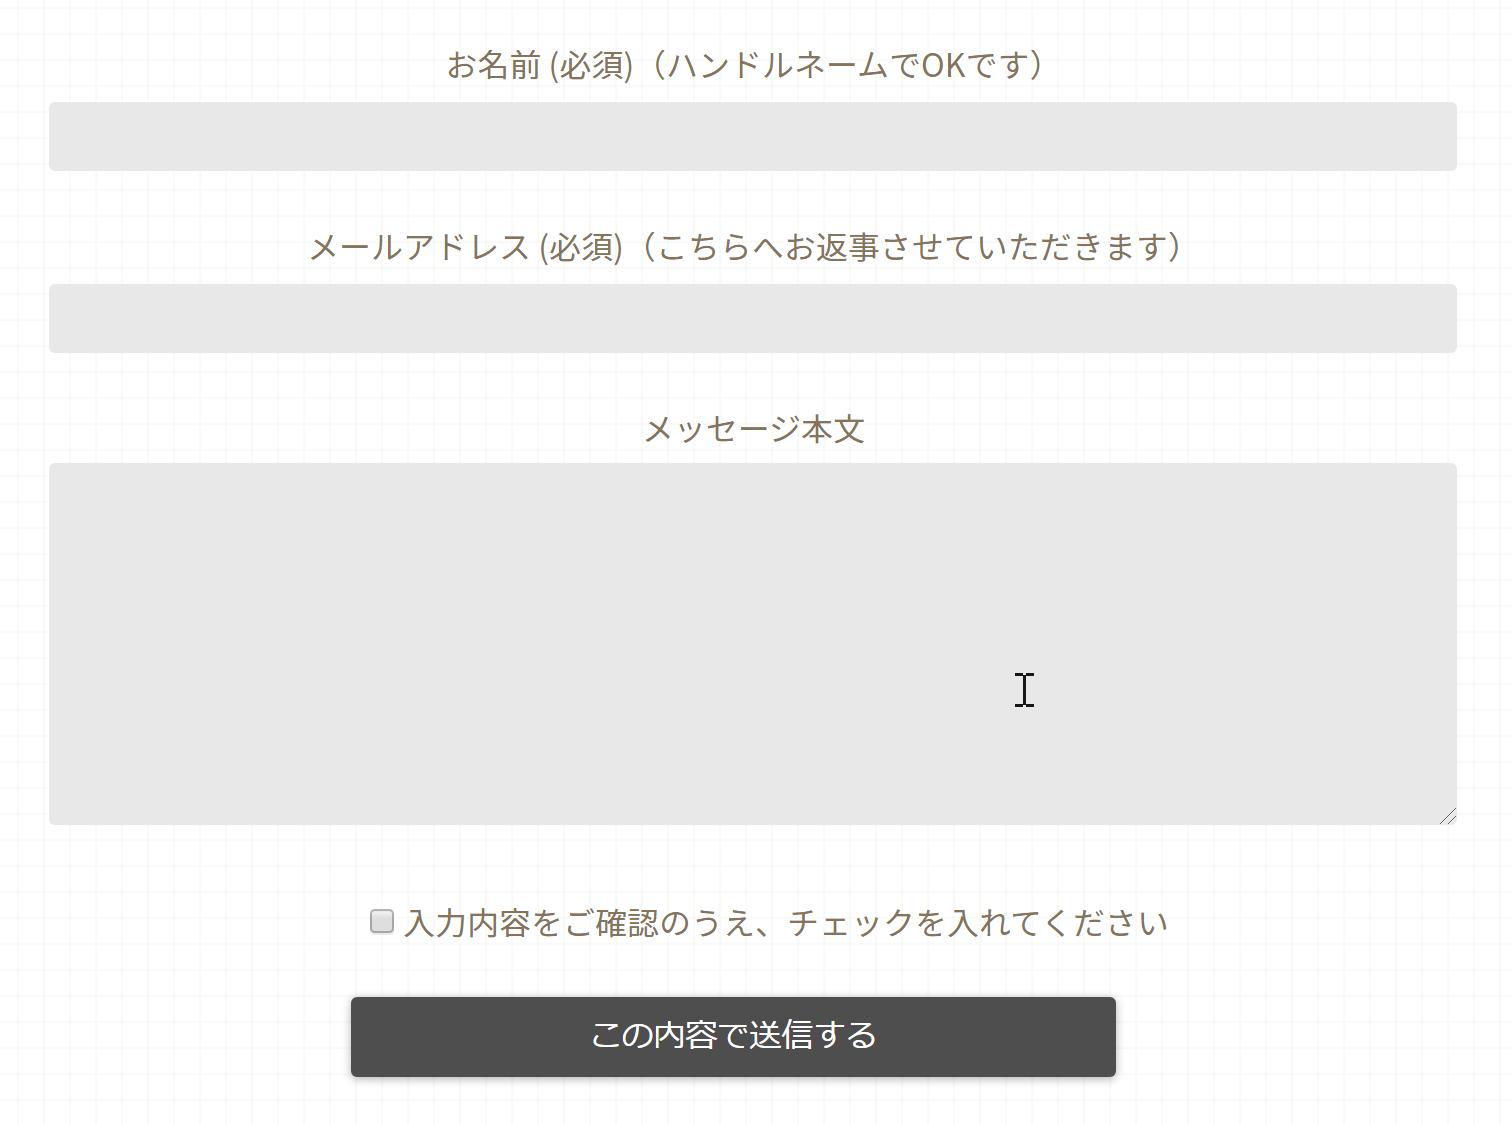 Contact Form 7プラグインを使って作ったお問い合わせフォーム